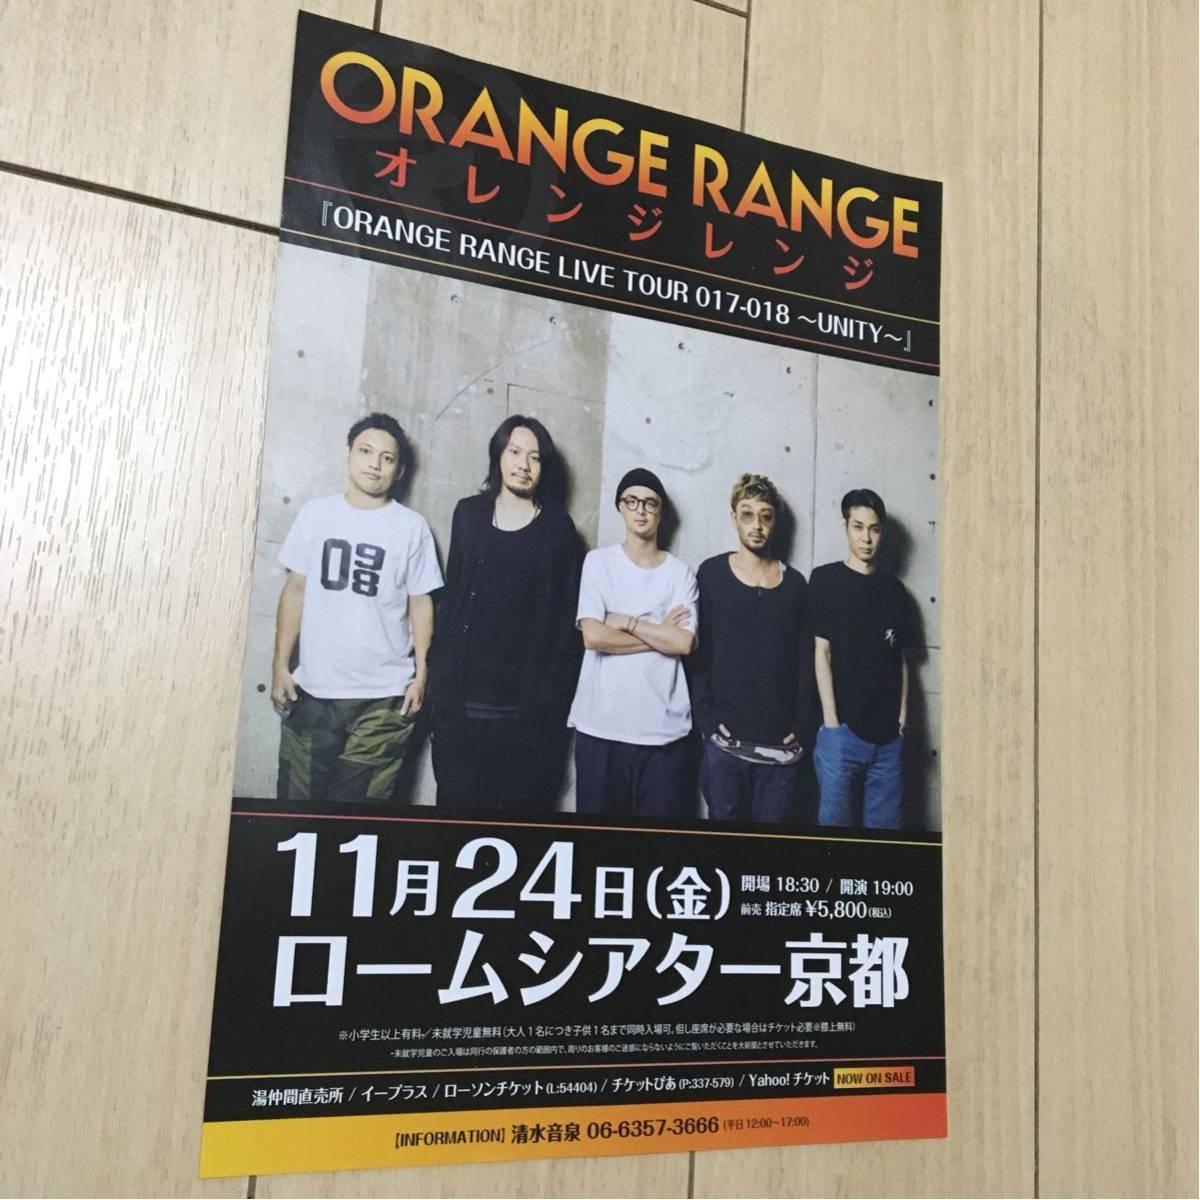 オレンジ・レンジ orange range ライブ ツアー 告知 チラ 2017 2018 unity 京都 ロームシアター live tour